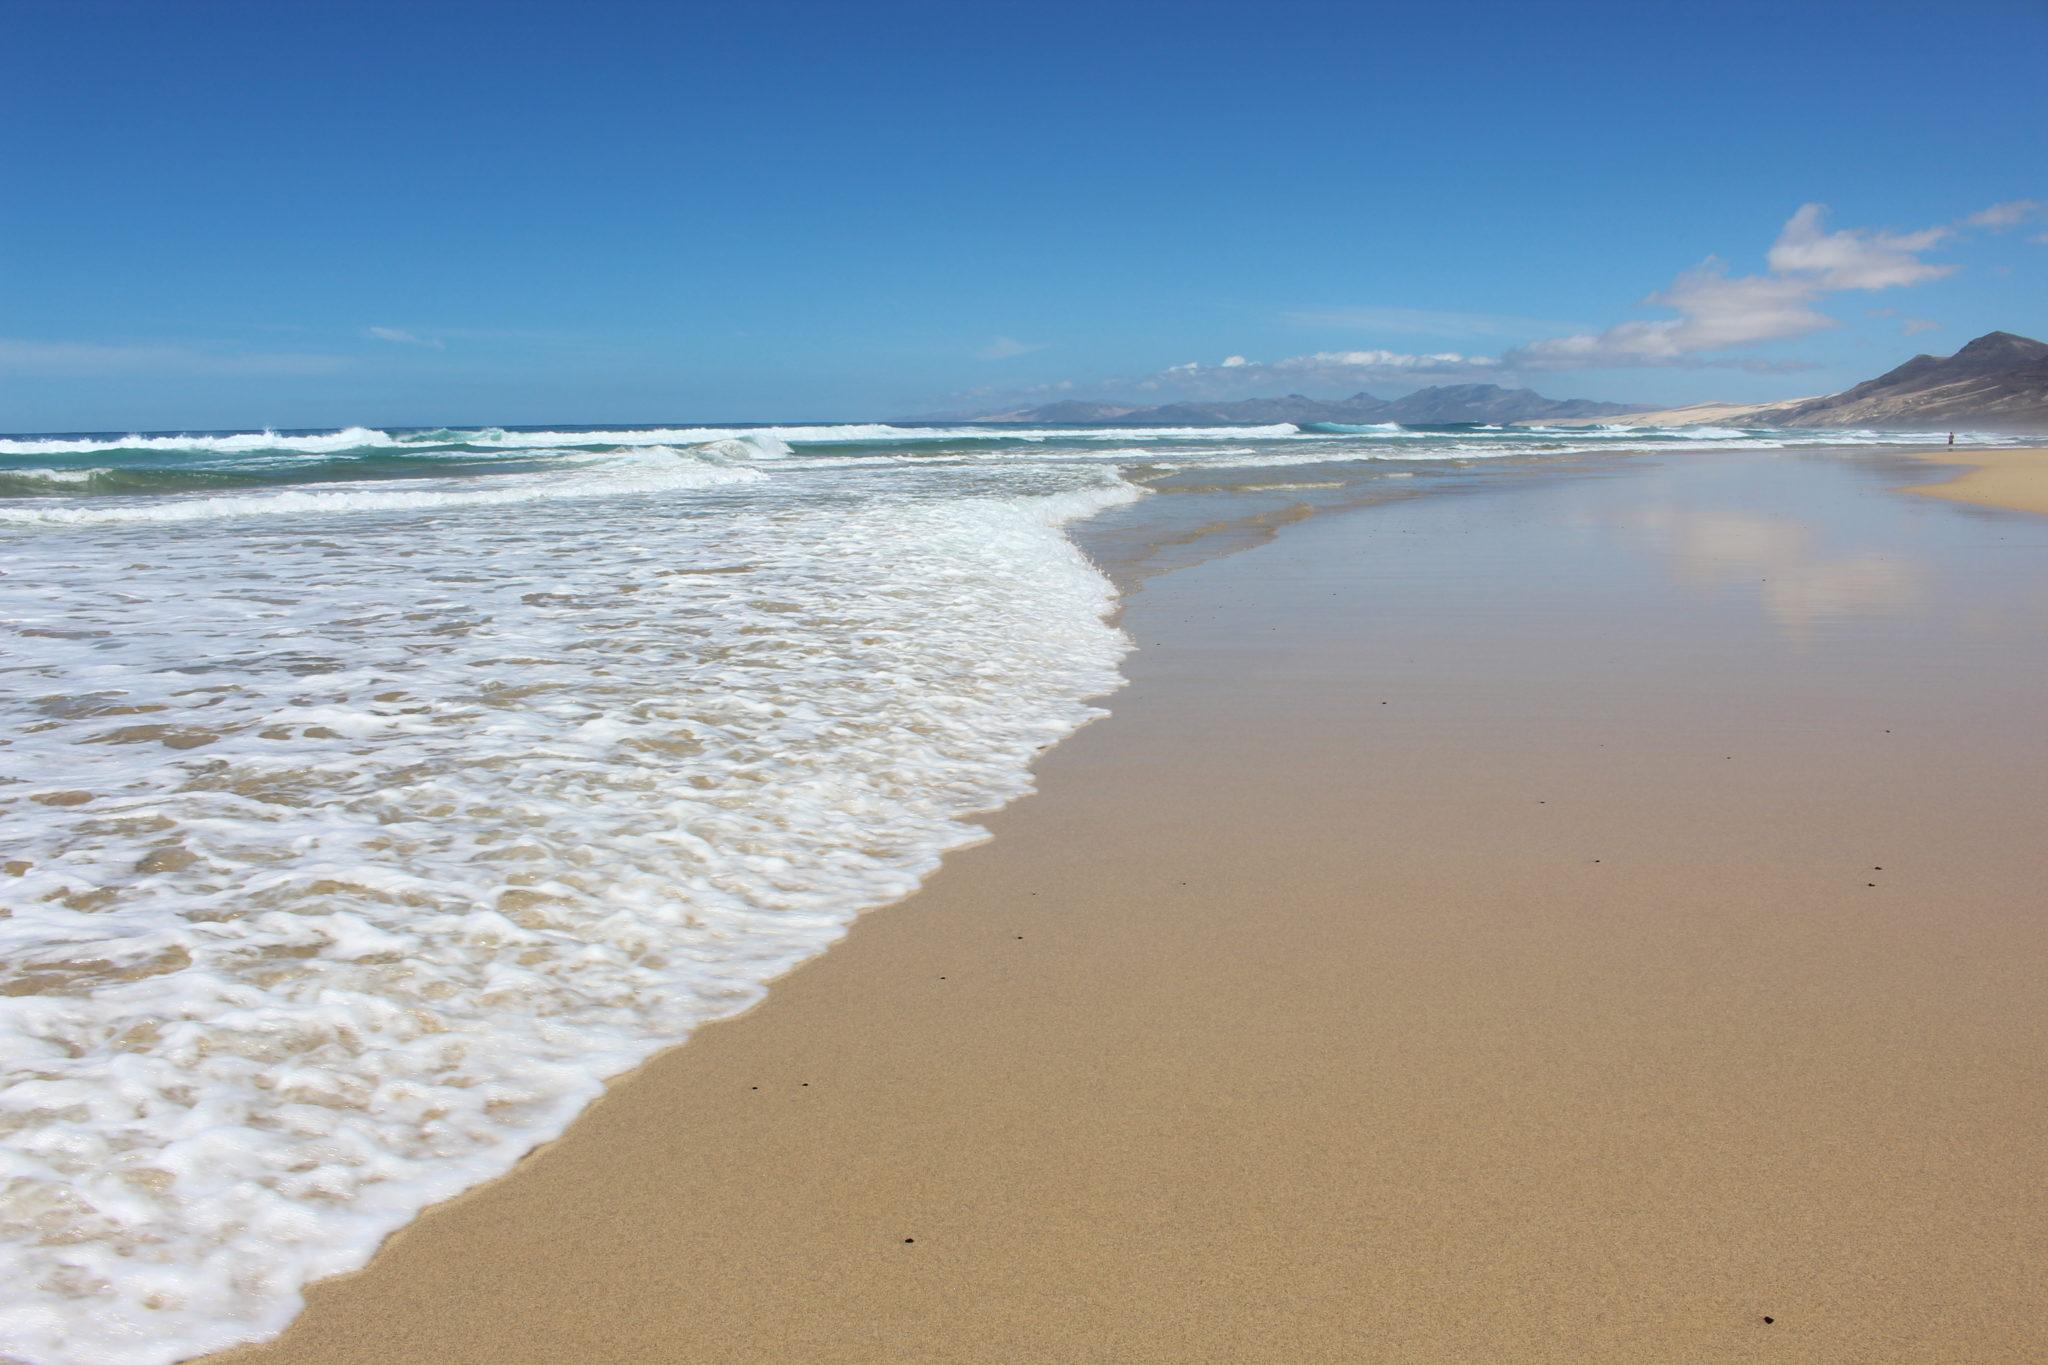 Fala zalewająca piasek podnosi dynamikę zdjęcia.